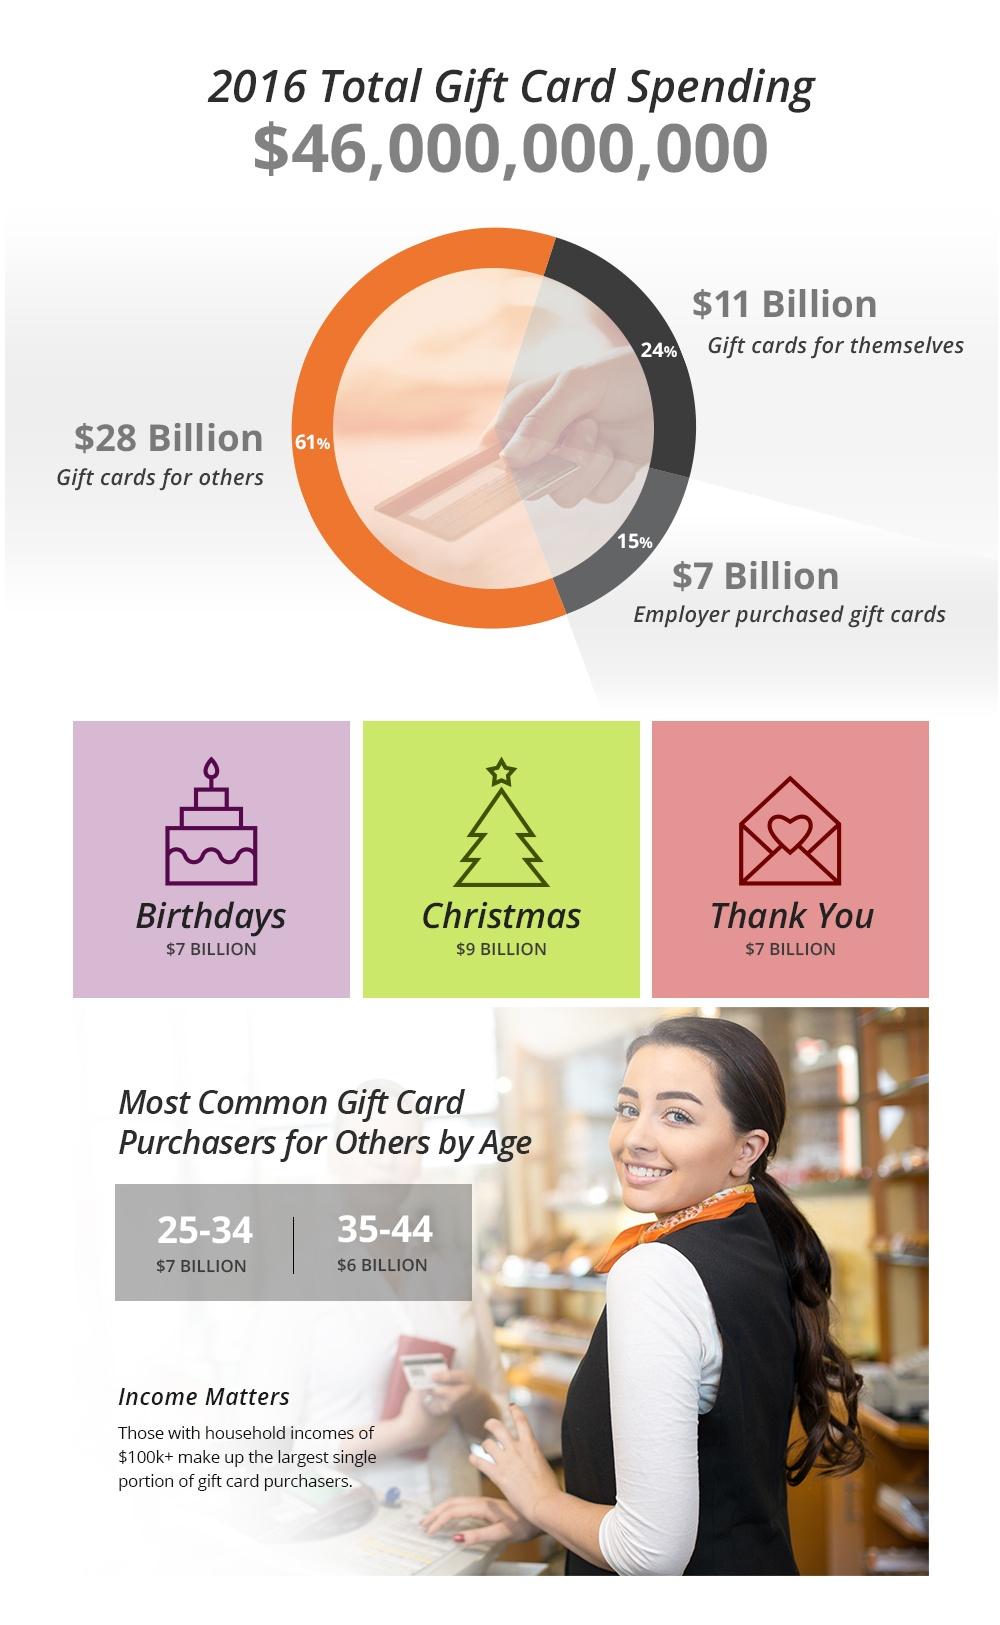 Gift card spending